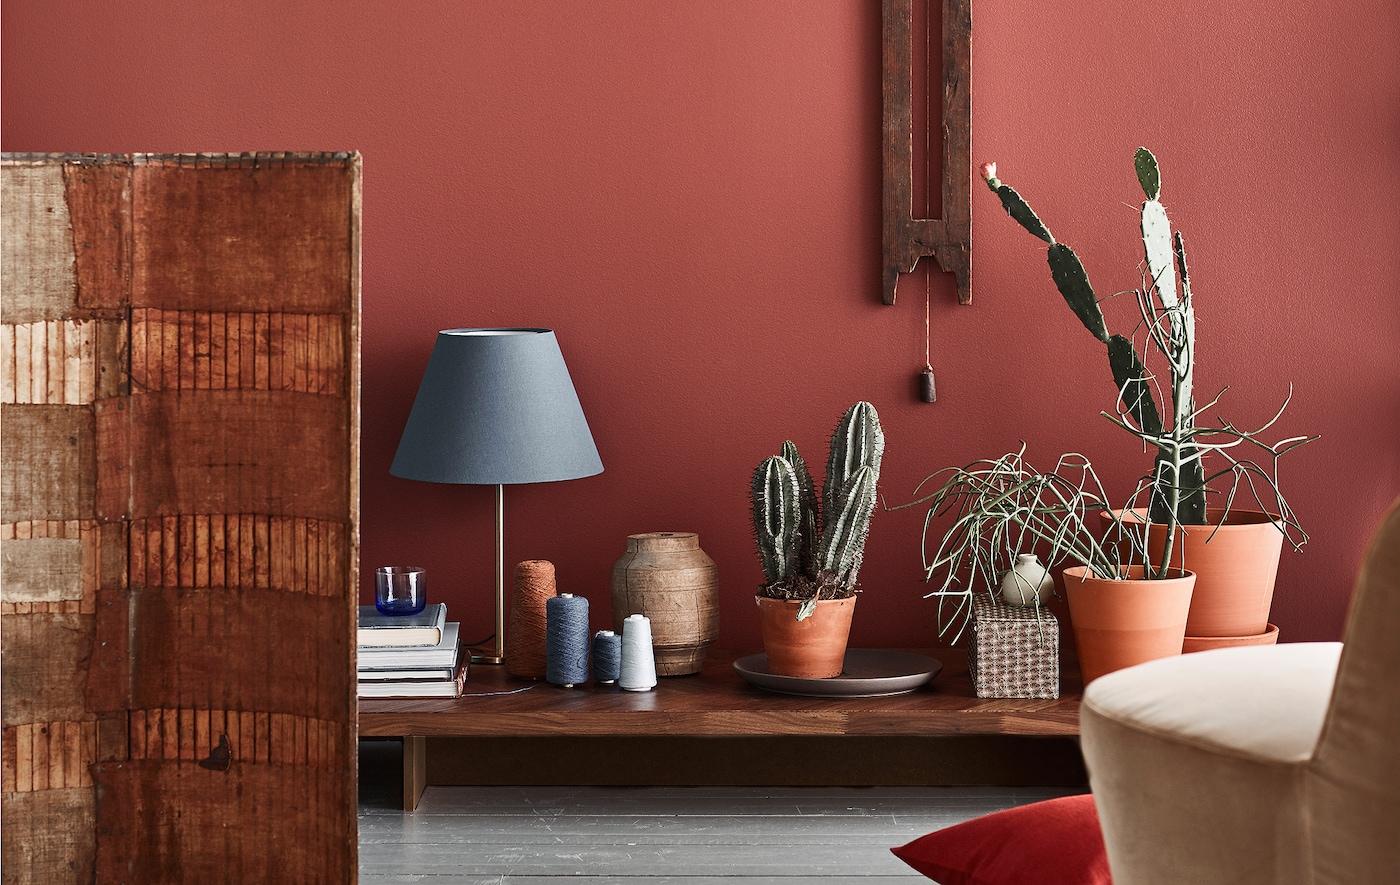 Wir glauben, dass eine Kombination aus erdigen Rottönen mit blauen Akzenten und dunklen Holzmöbeln der nächste große Trend wird.